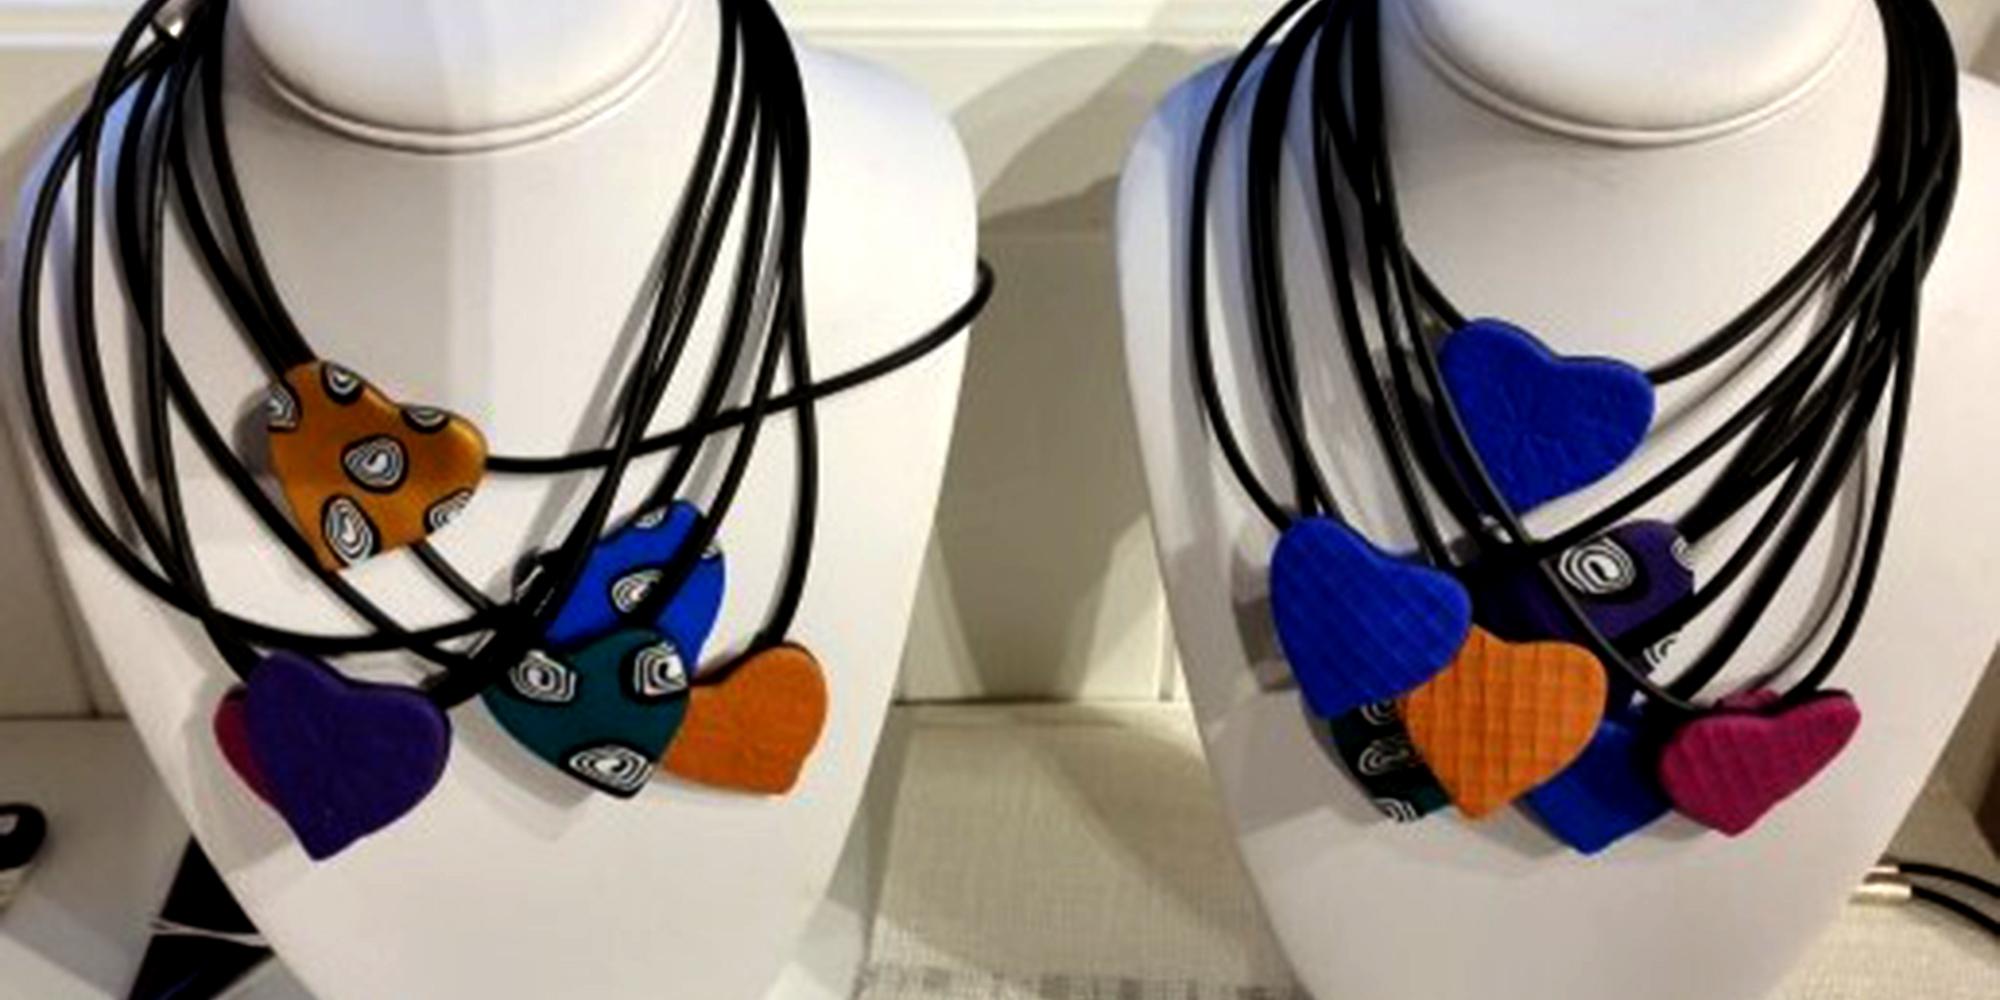 Glasslåven - necklaces with glass. Copyright: Glasslåven